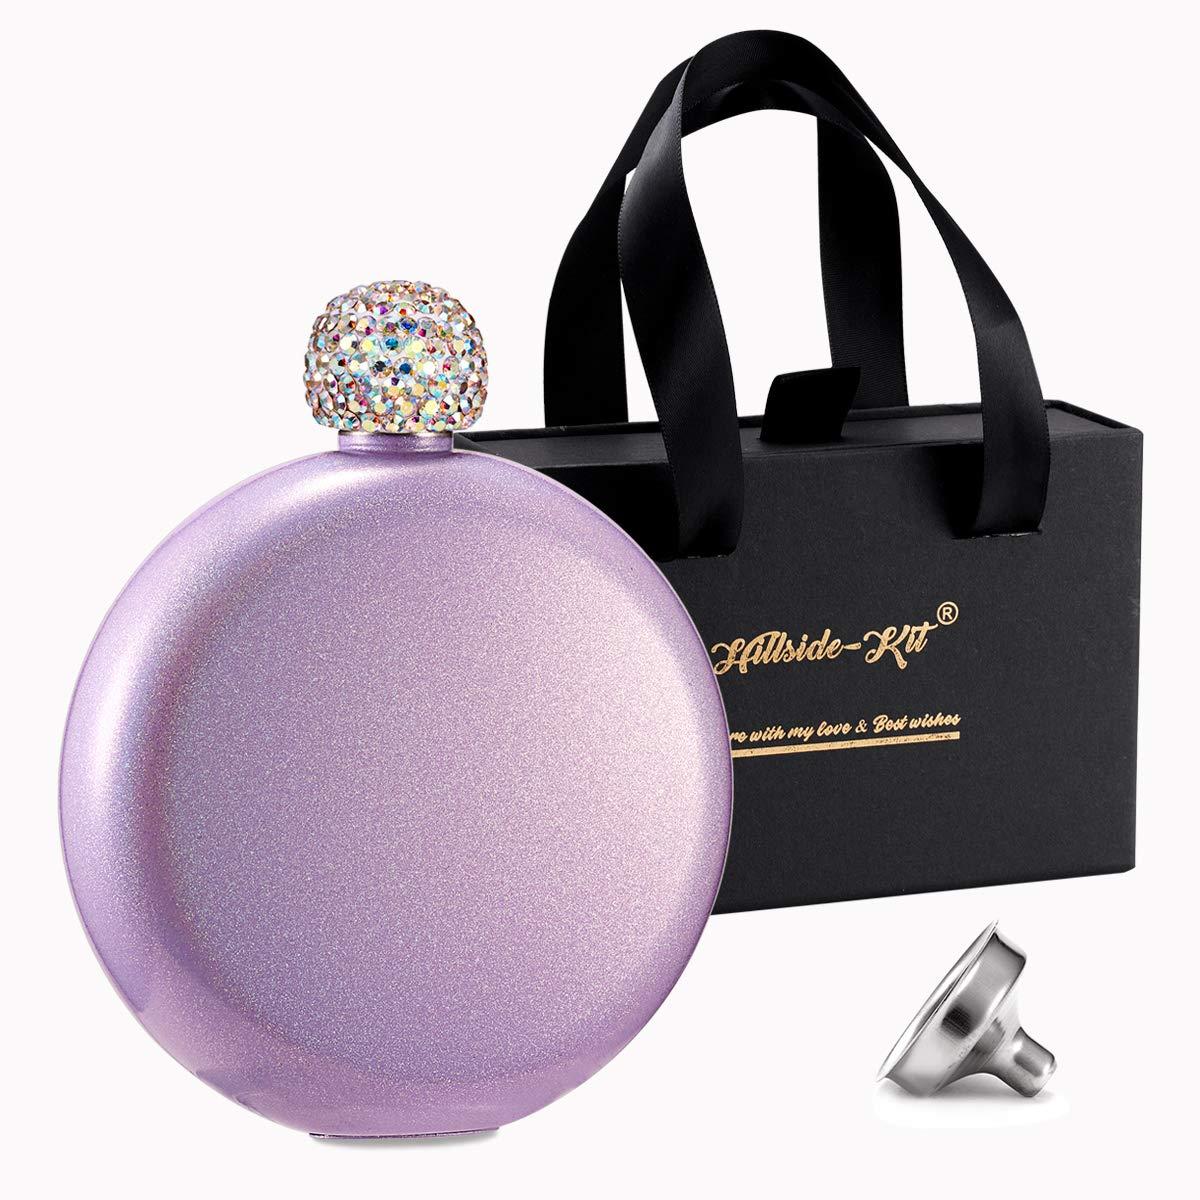 品質は非常に良い Booze Shot Flask- AB Glitter クリスタル蓋 フラスコ クリエイティブ 304 ステンレススチール ワインアルコール Purple リキュールフラスコ レディース ガールズ メンズ パーティー ハンドサイズ フラスコ 5オンス パープル Glitter Purple B07PG5XQ6Q, エイブルマート:1e3a8d01 --- a0267596.xsph.ru